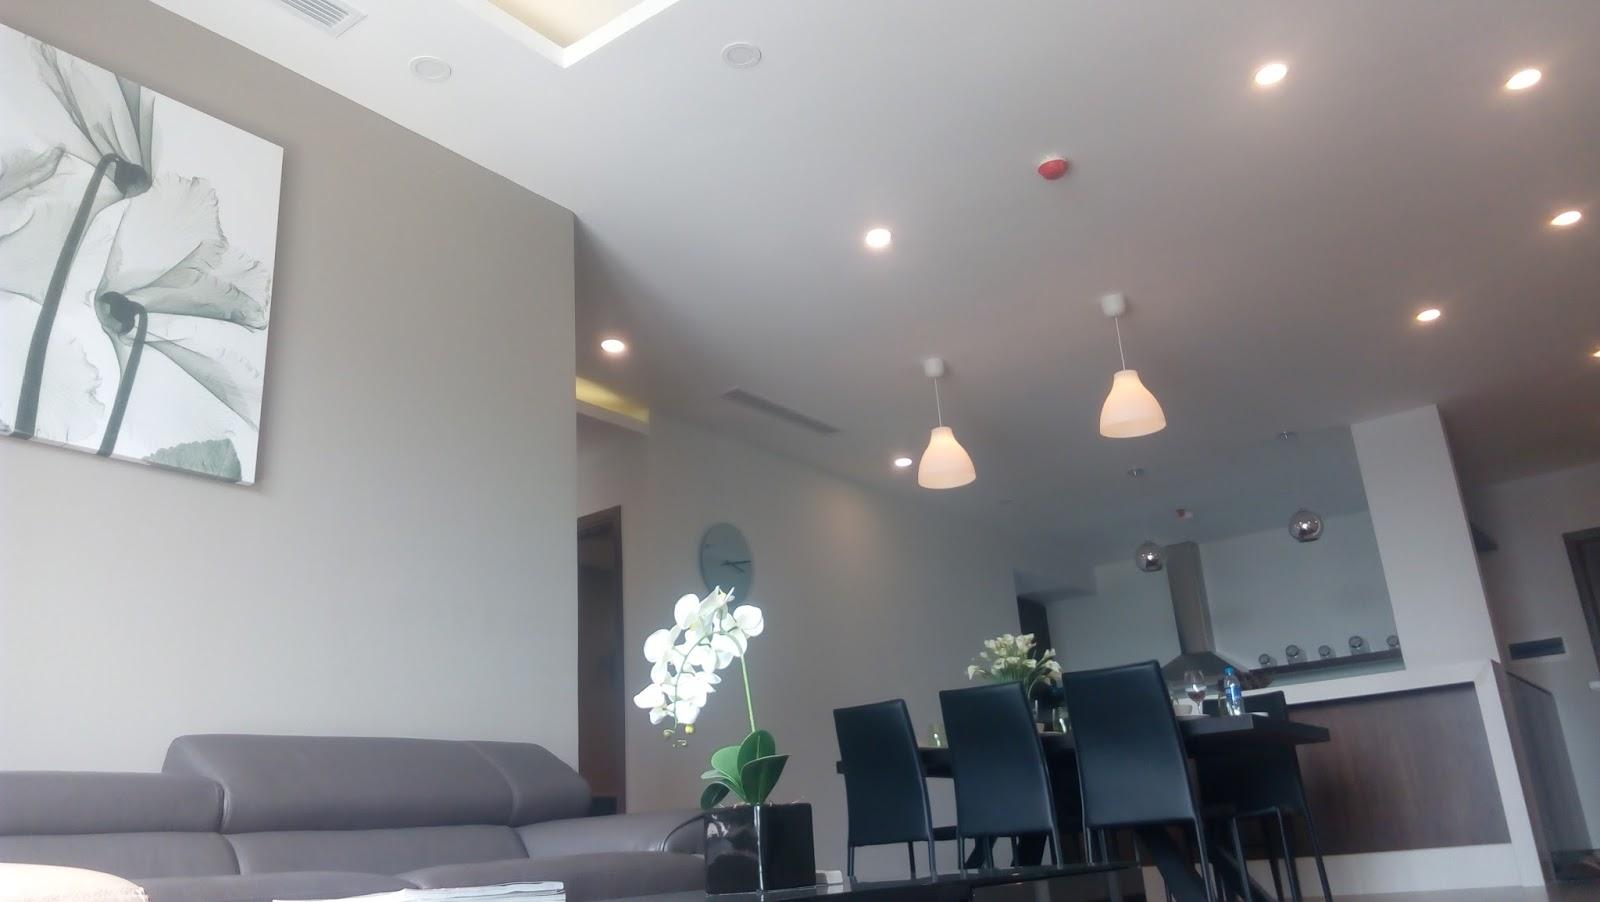 Phòng khách chung cư Taseco Complex thiết kế đơn giản nhưng tối ưu không gian sử dụng